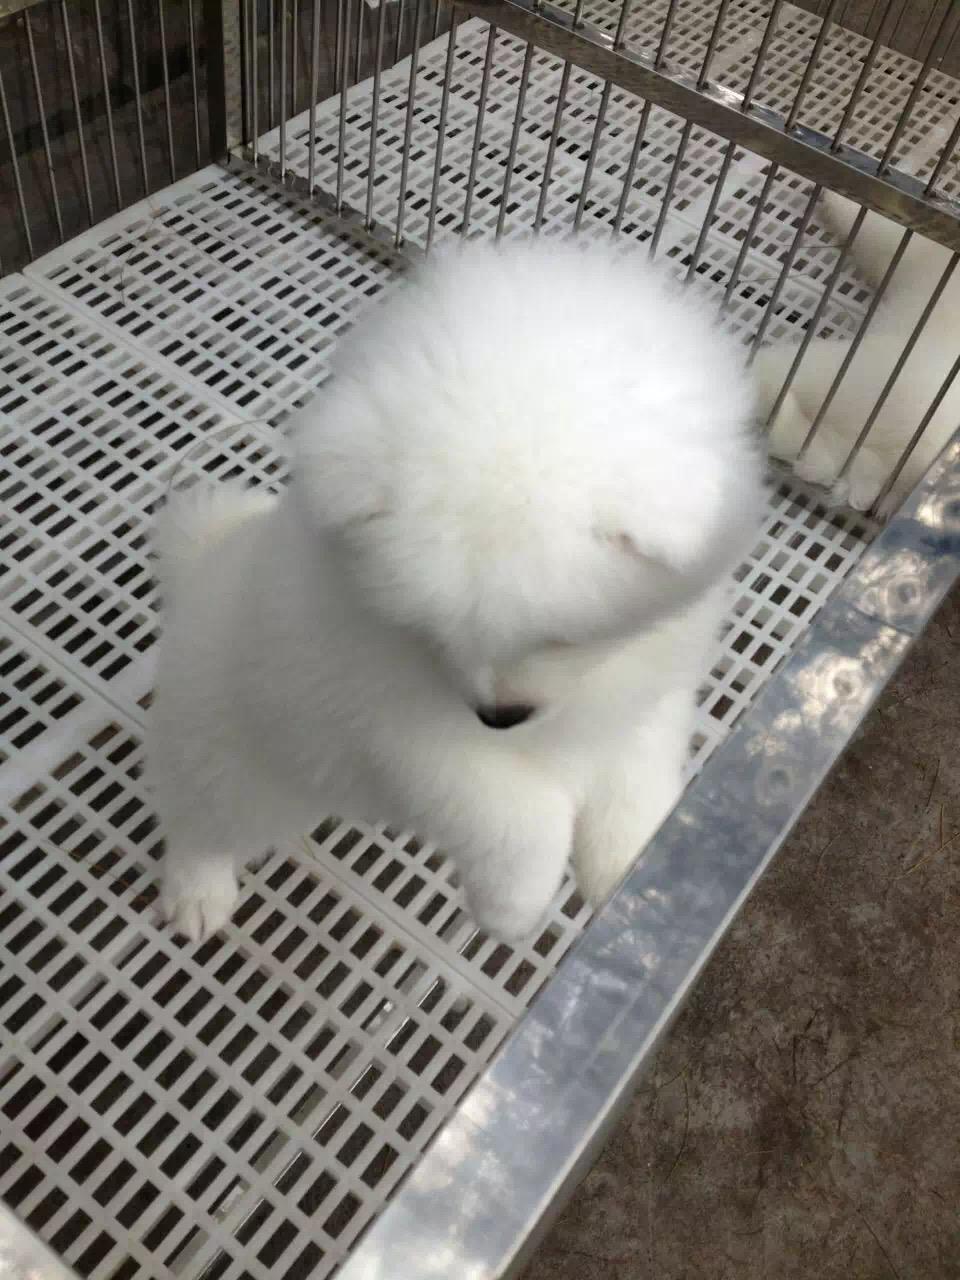 撩妹神犬萨摩幼犬 萌化少女心品相好 还等什么 ~4